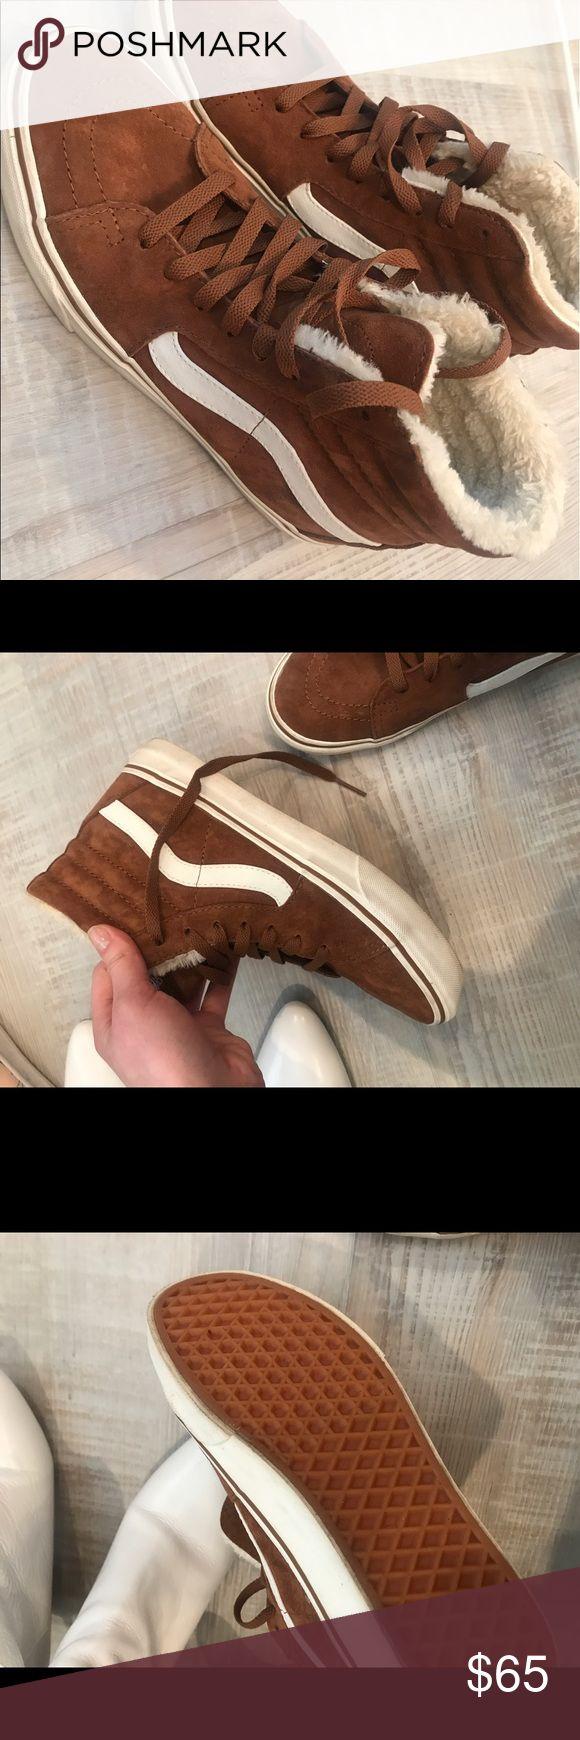 vans with fur. tan fuzzy sk8-hi shoes, unworn never worn, dark tan/ brown high vans with fur